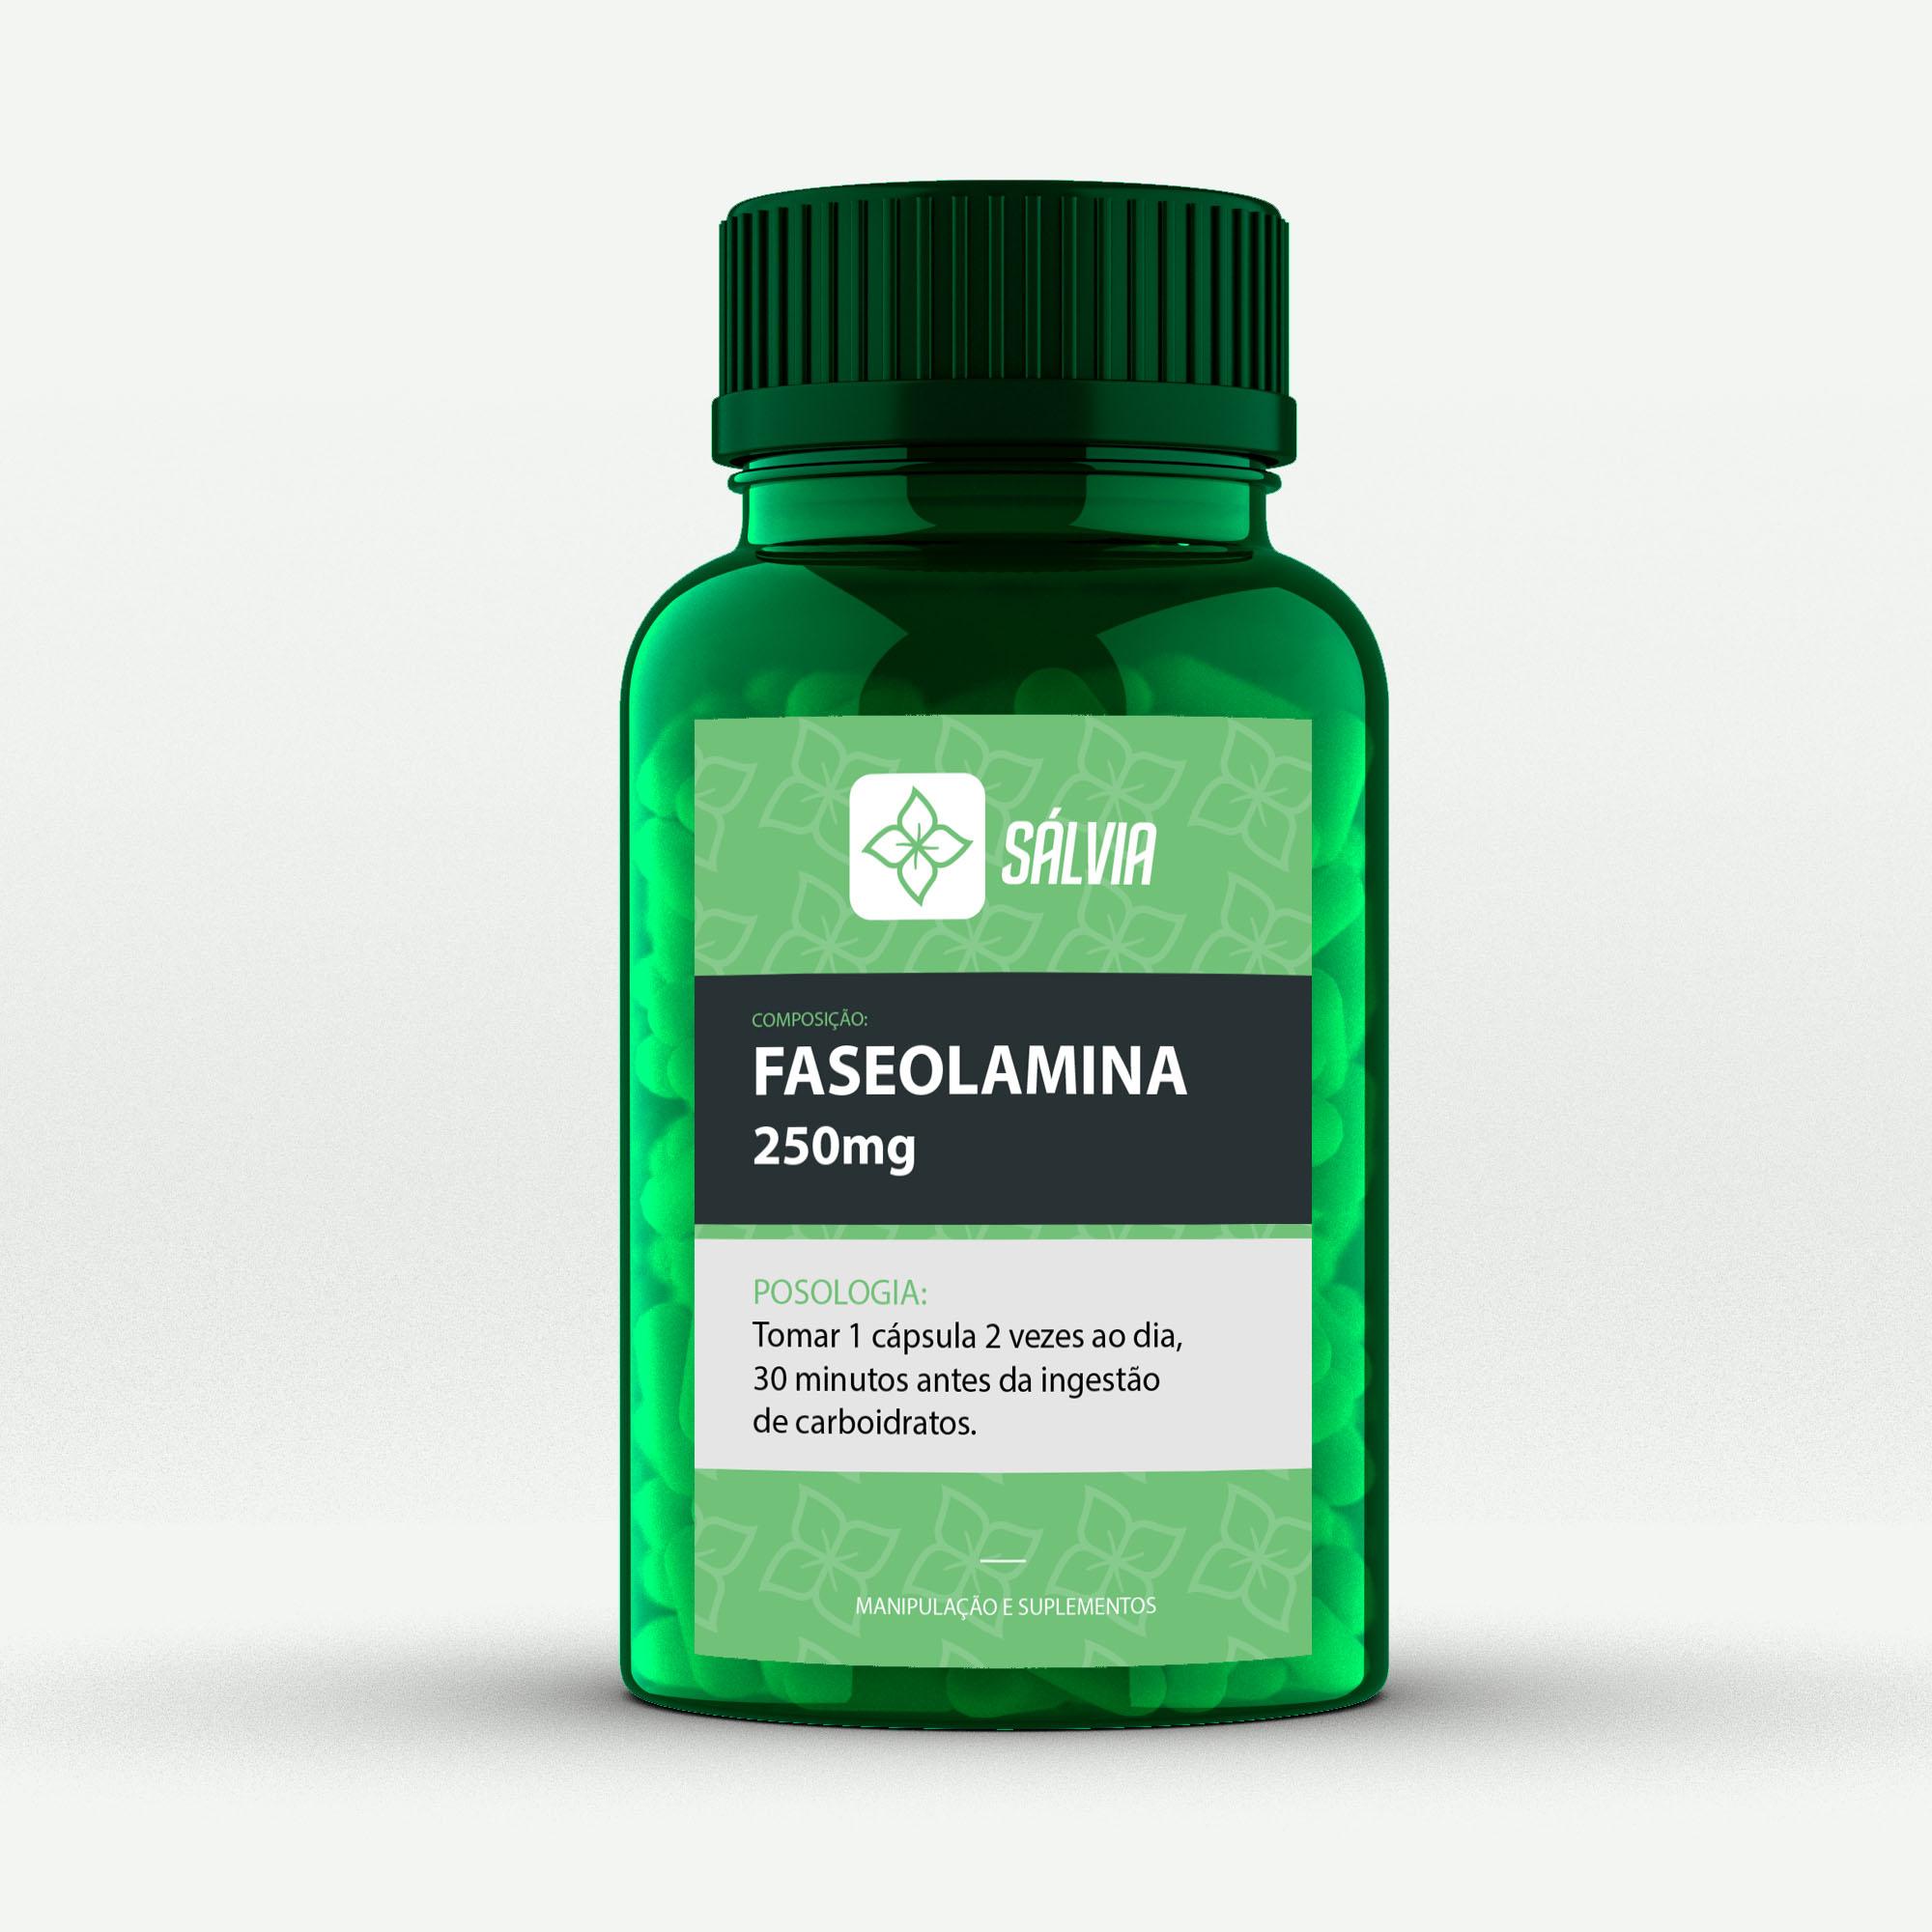 FASEOLAMINA 250mg - Cápsulas